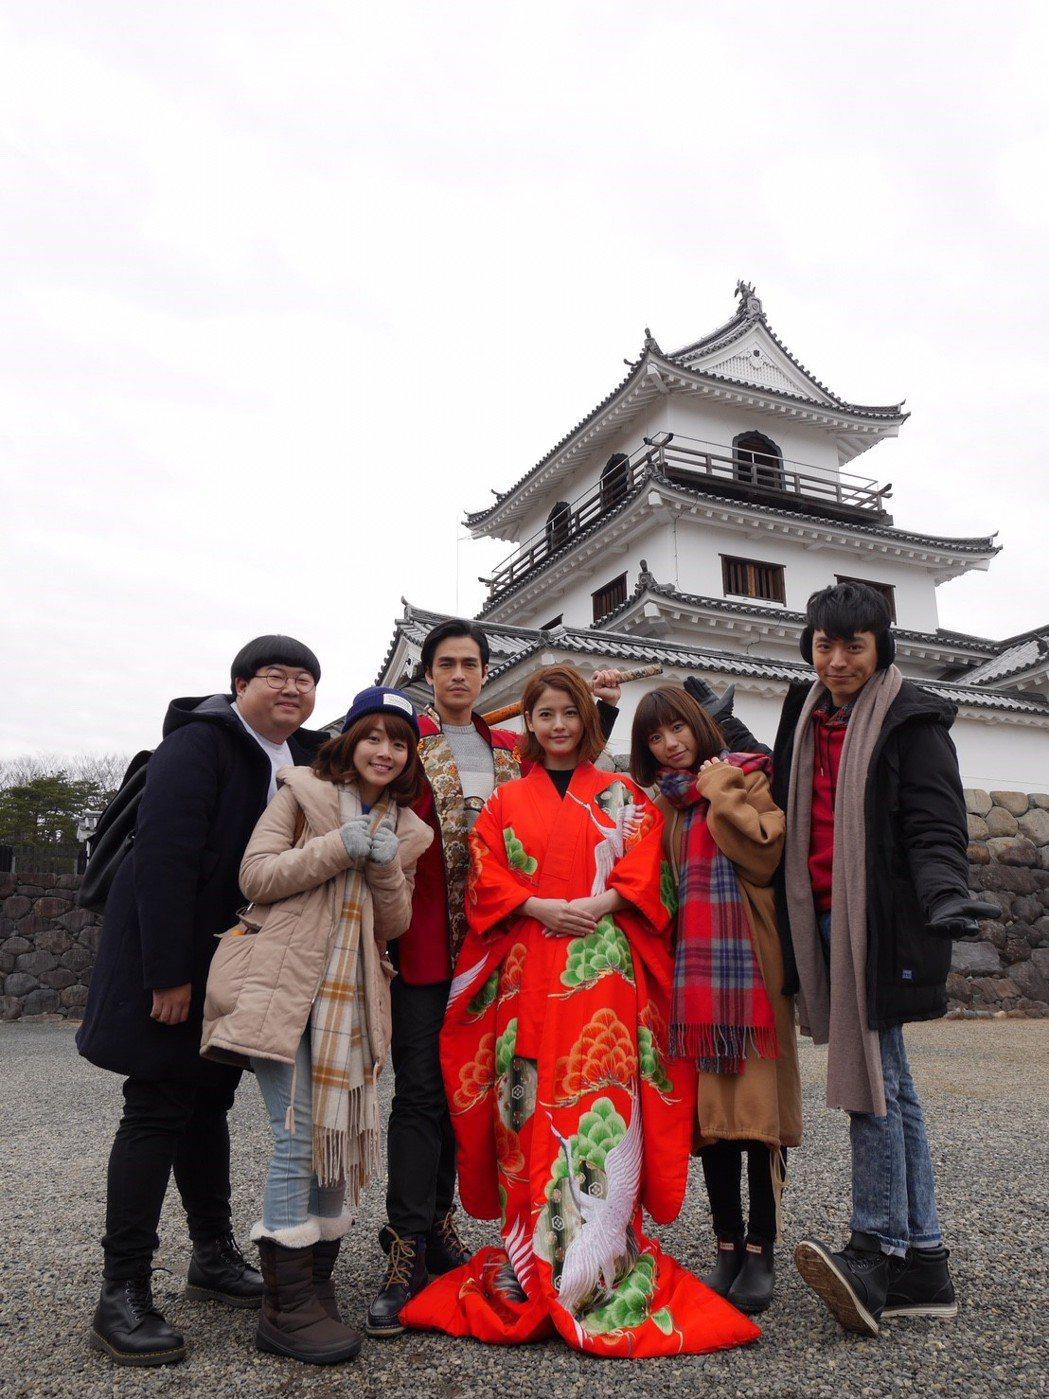 王樂妍、Gino帶領劇中學生們陳彥佐(左起)、陳怡溱、陳芊羽、王上豪到白石城取景